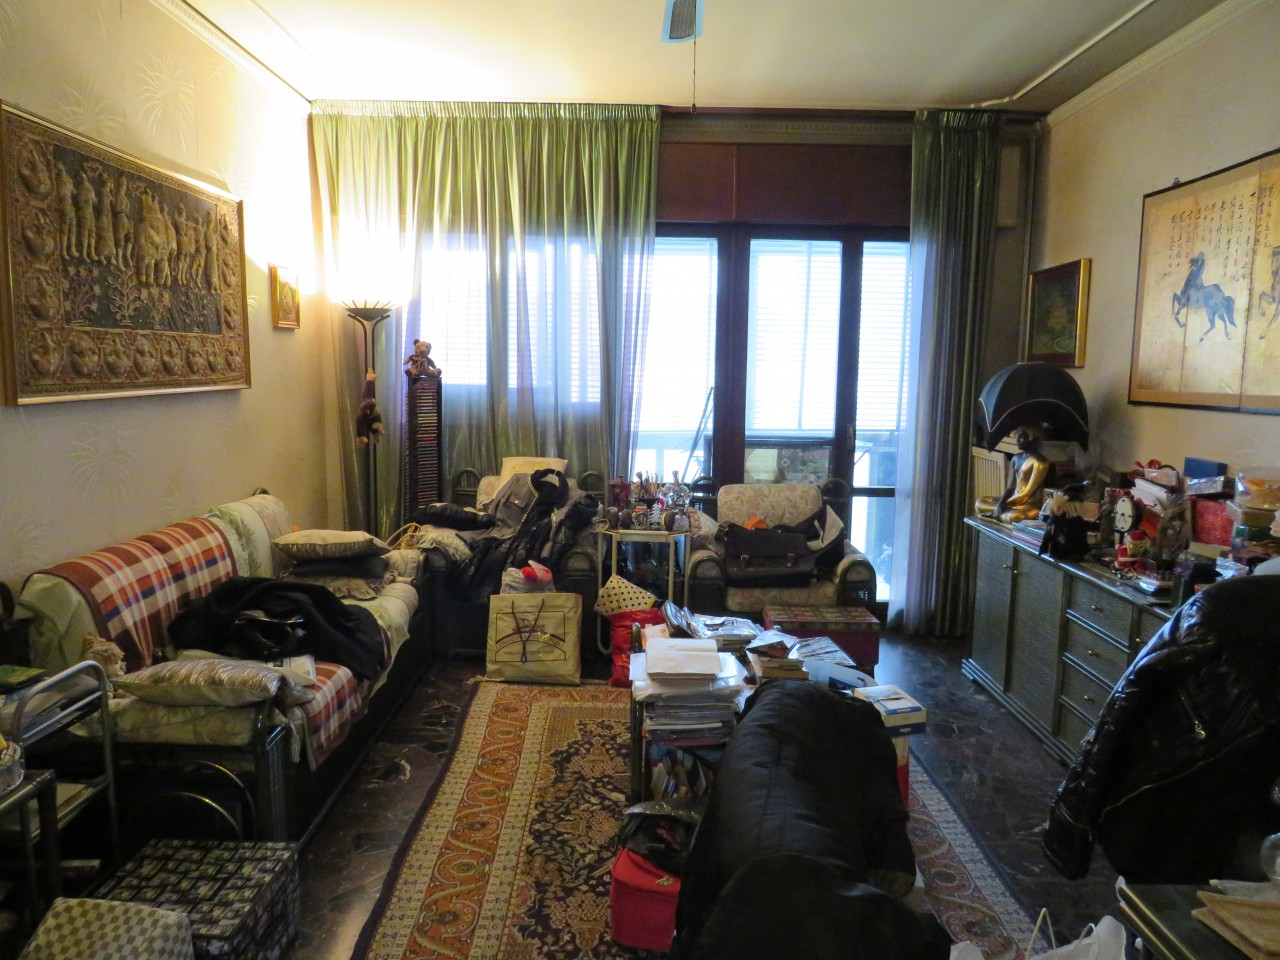 Padova - Centralissima Arcella - Appartamento 2 letto